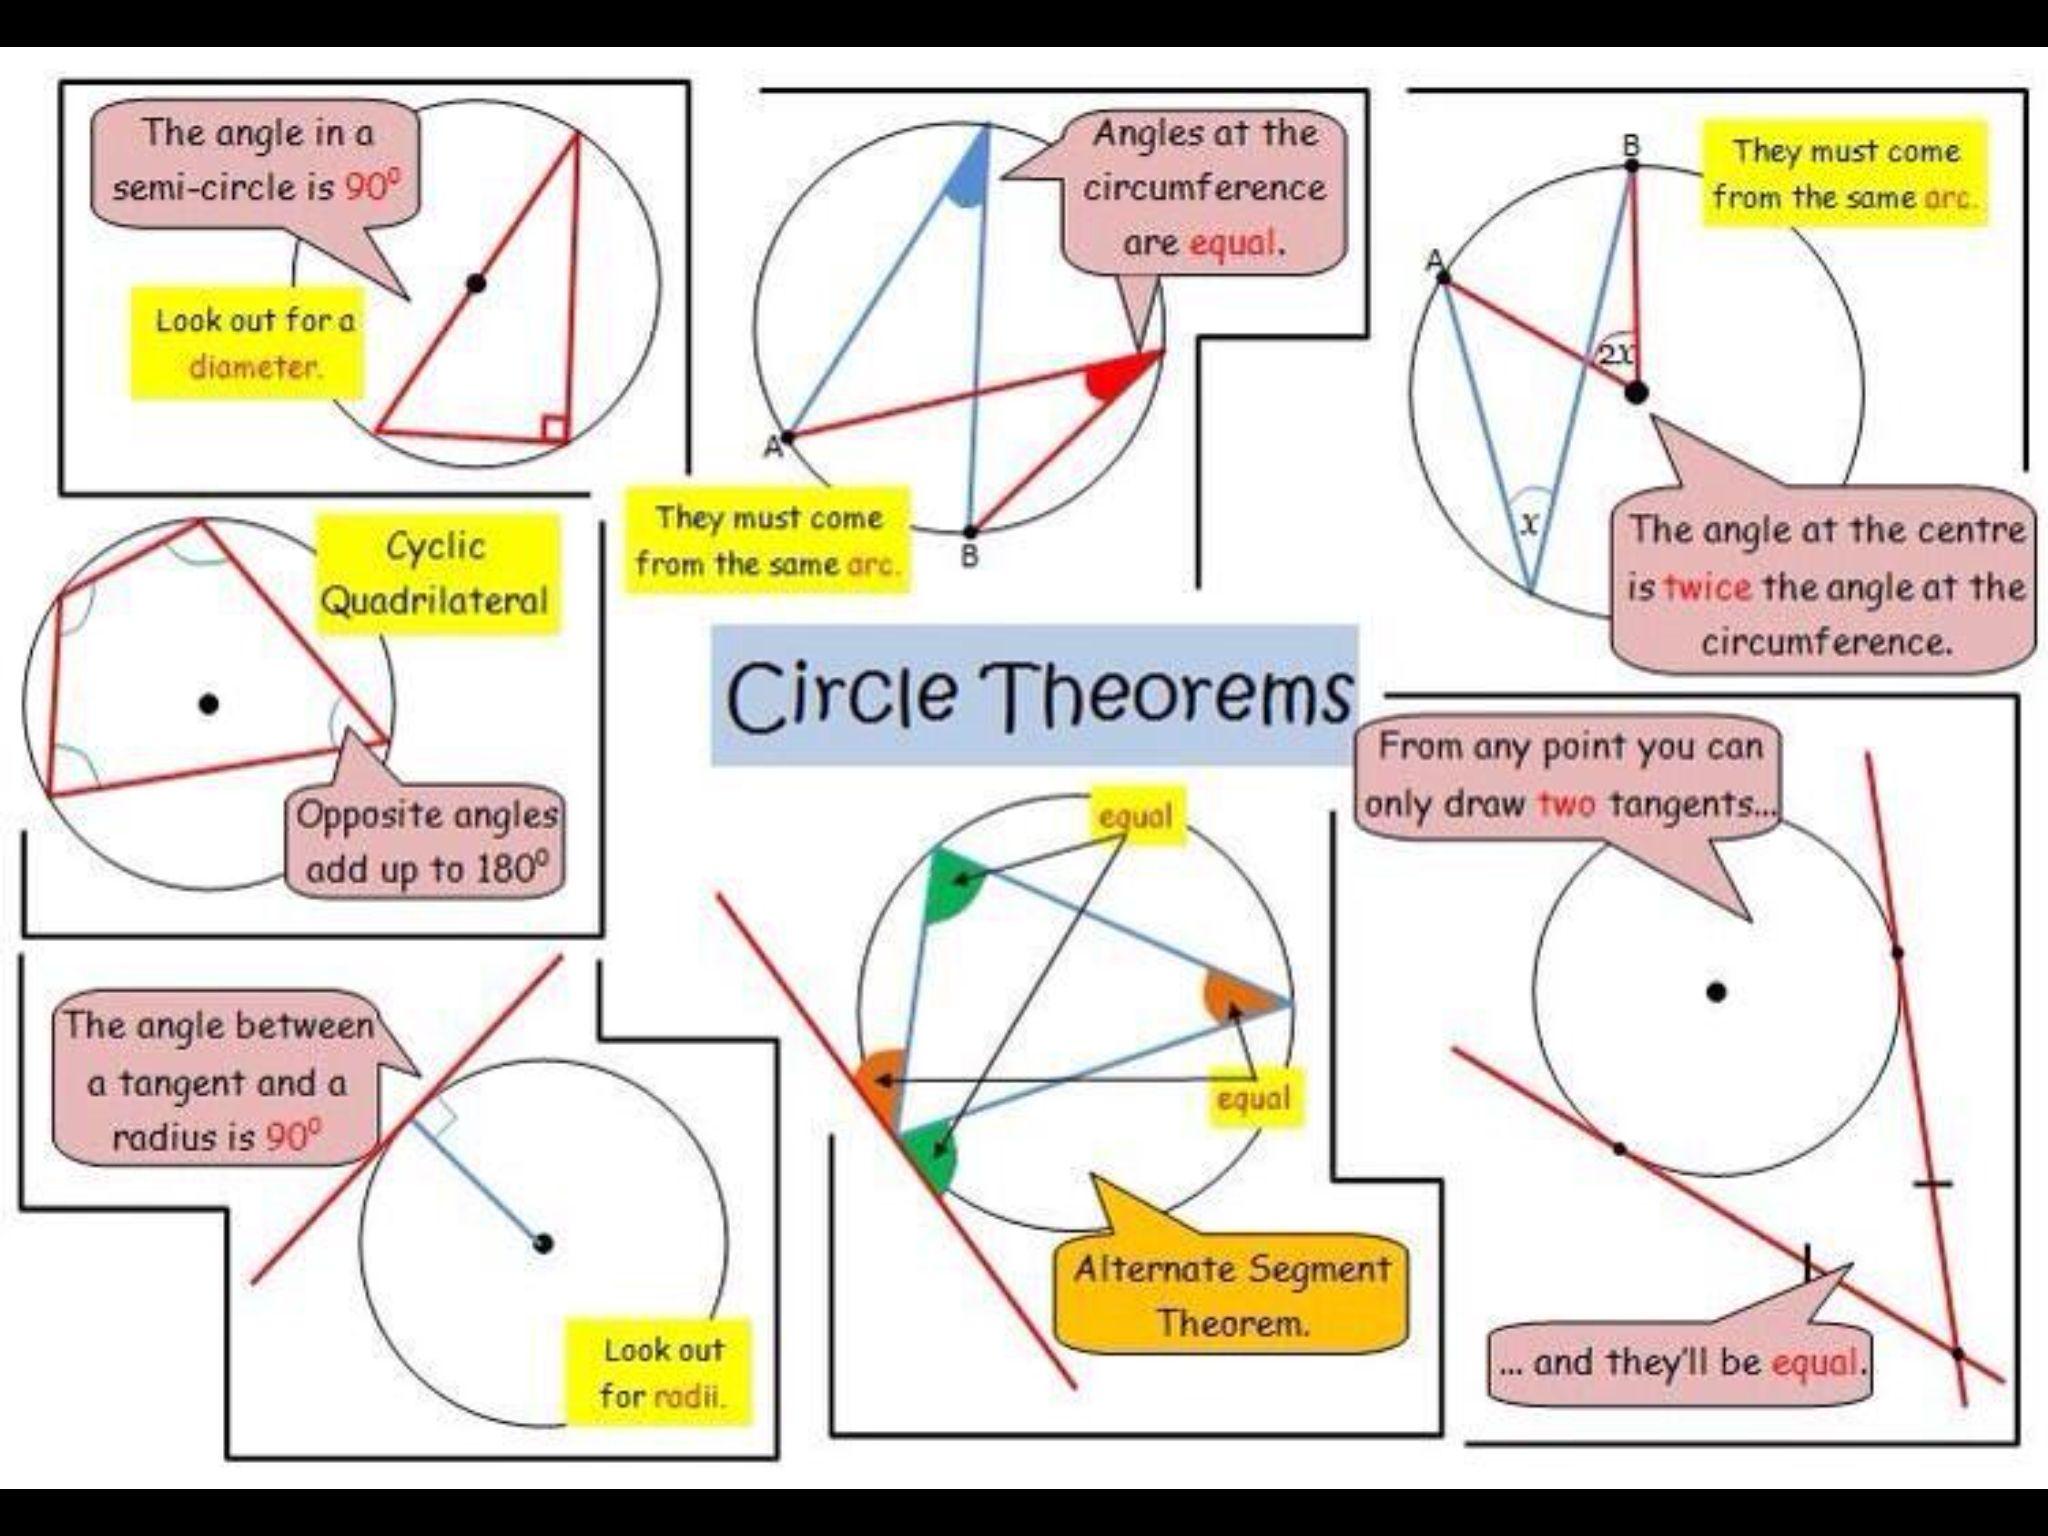 Circle Theorems